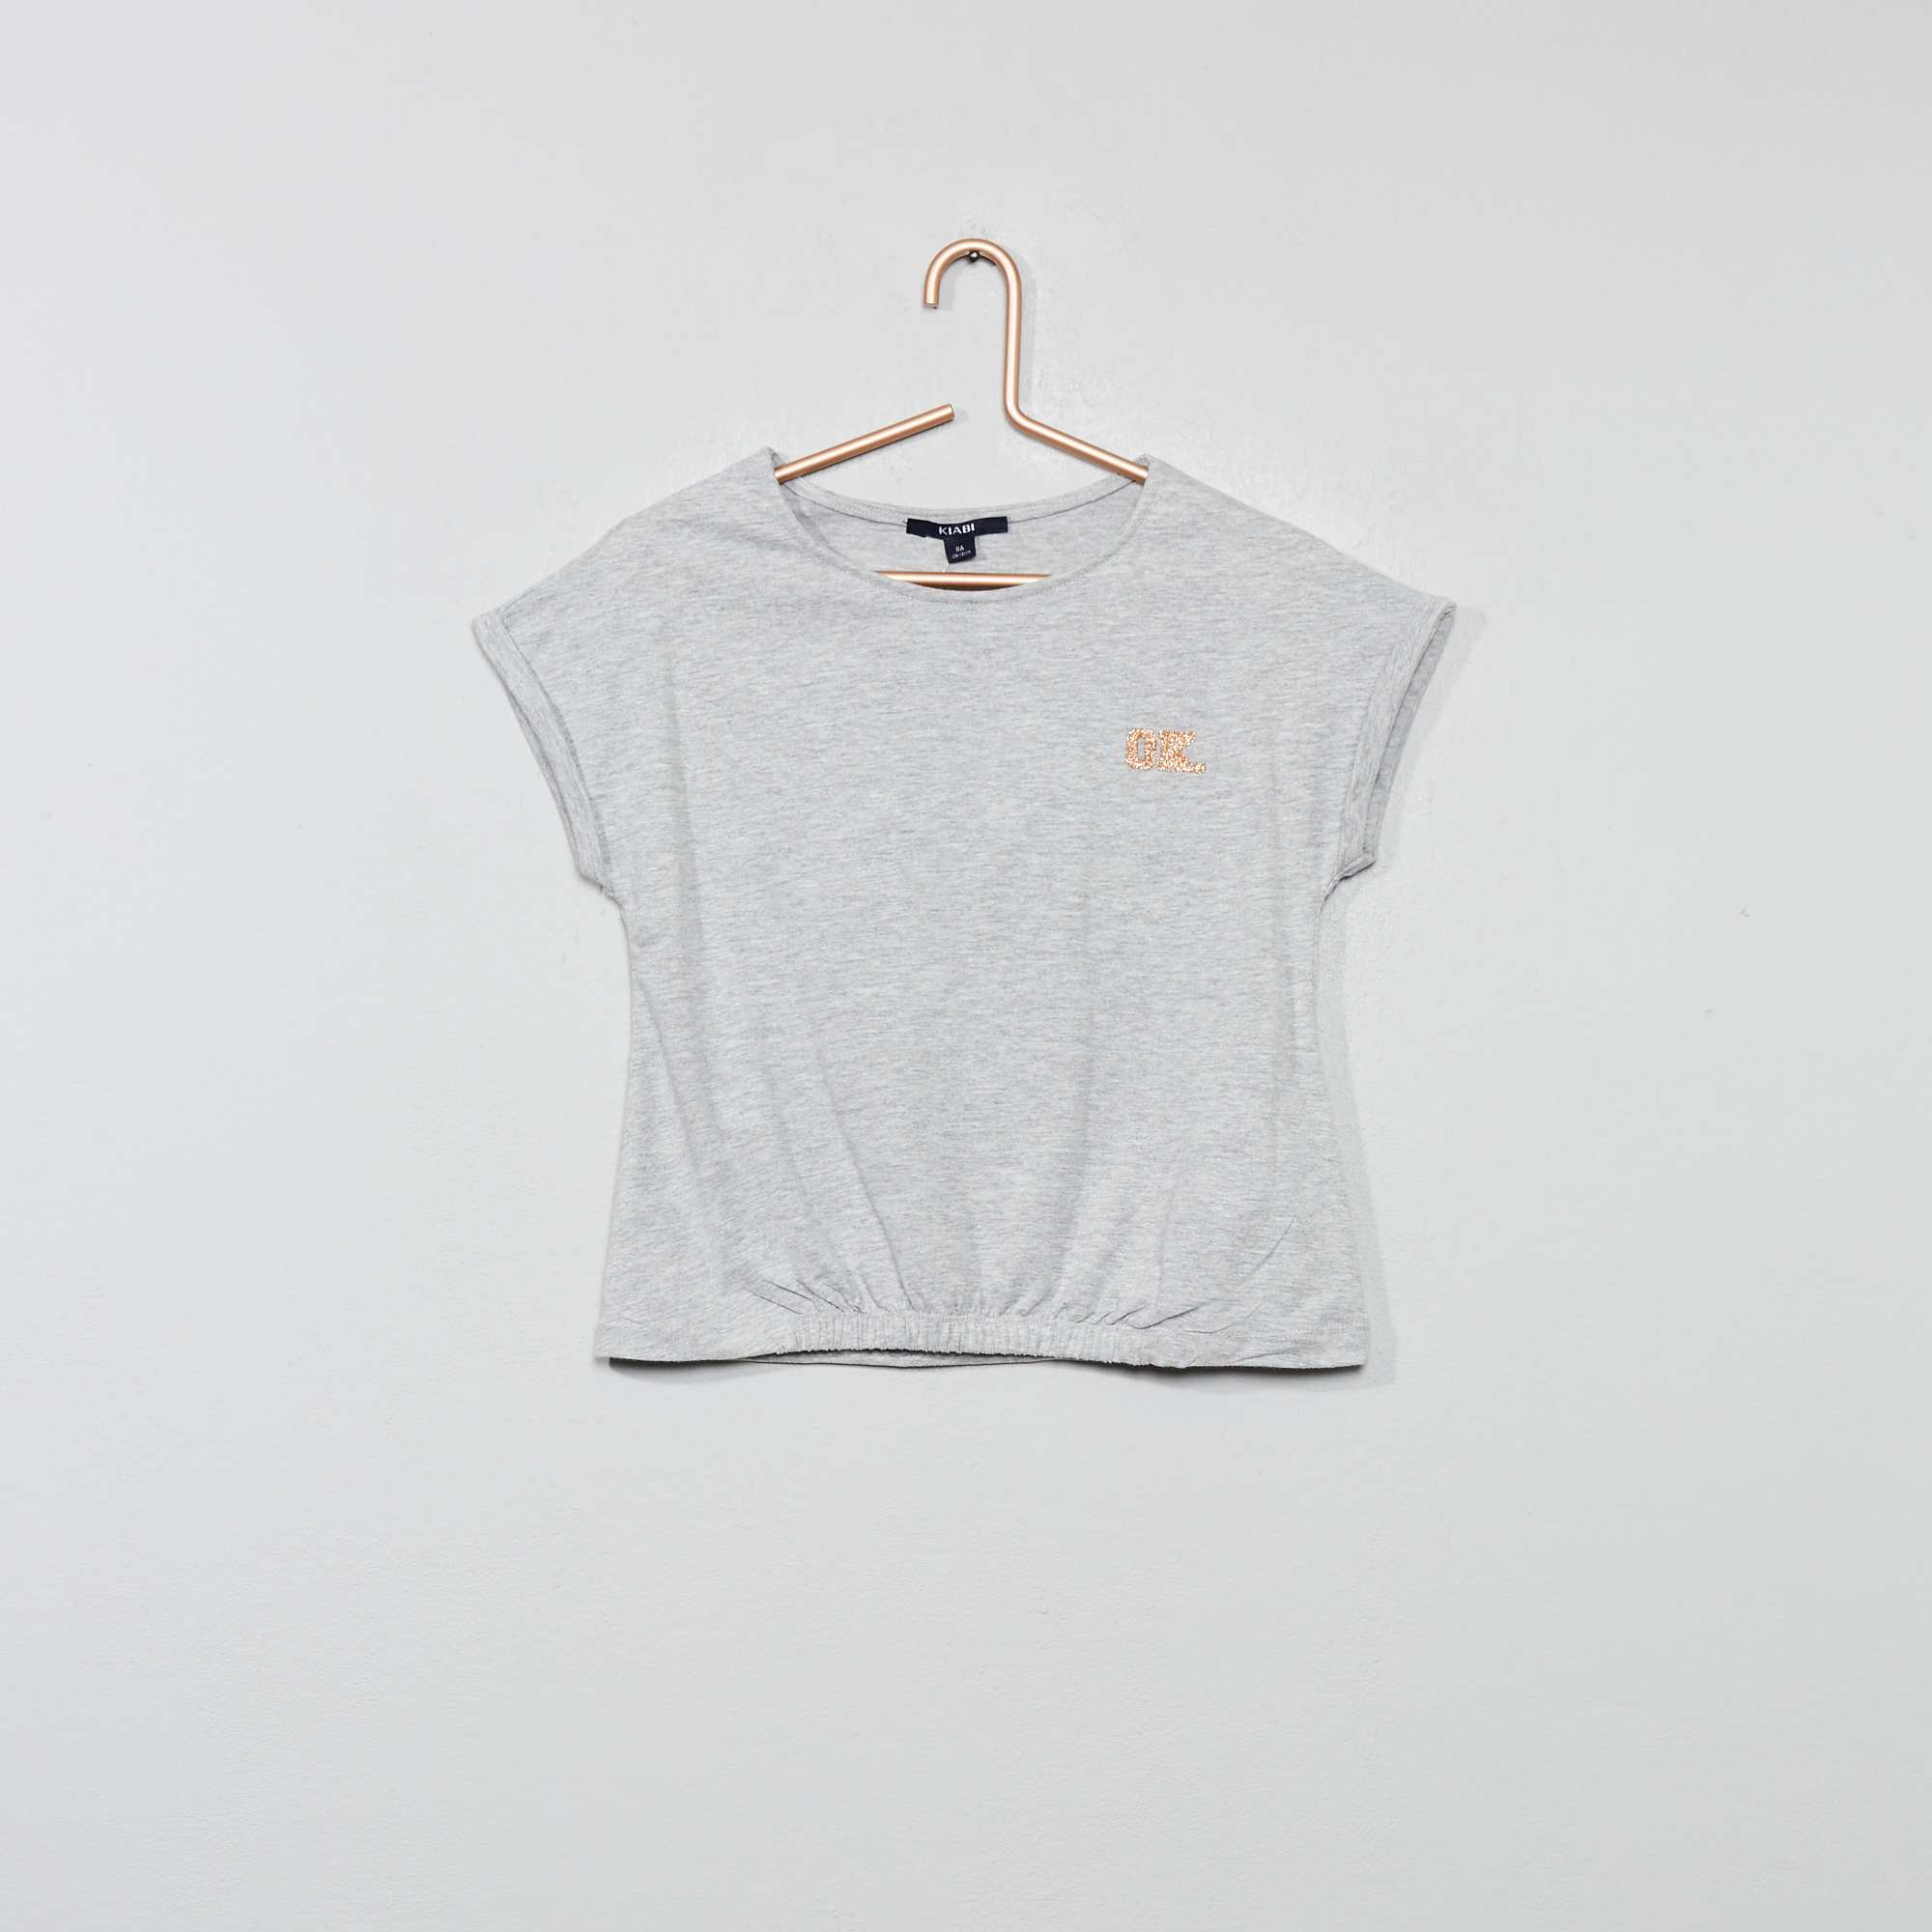 962d4f6498626 t shirt de sport fille - www.aulapinbleu.net